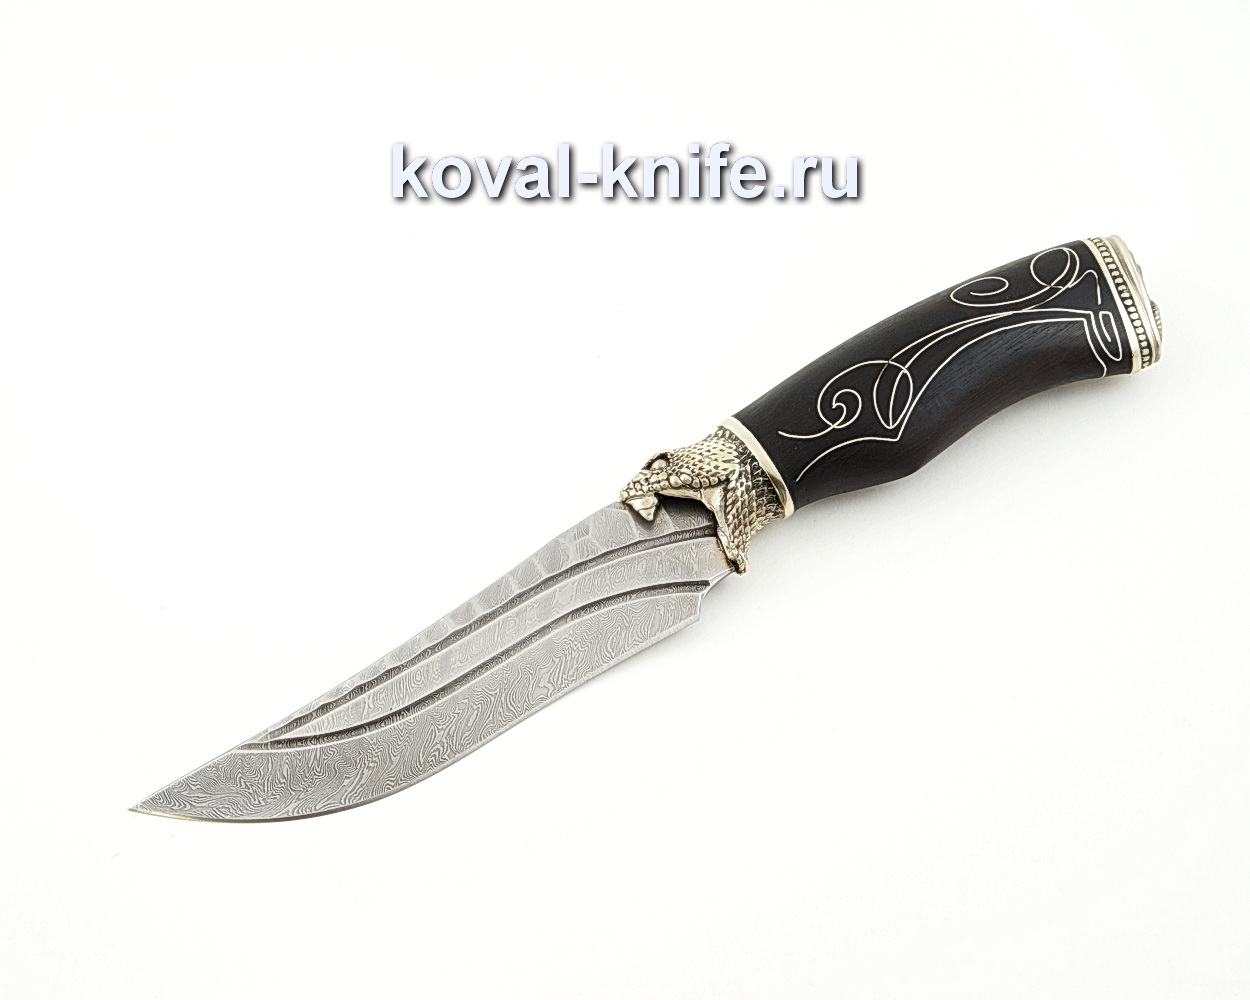 Нож Клыч из дамасской стали с инкрустированной серебром рукоятью из граба и литьем из мельхиора A582